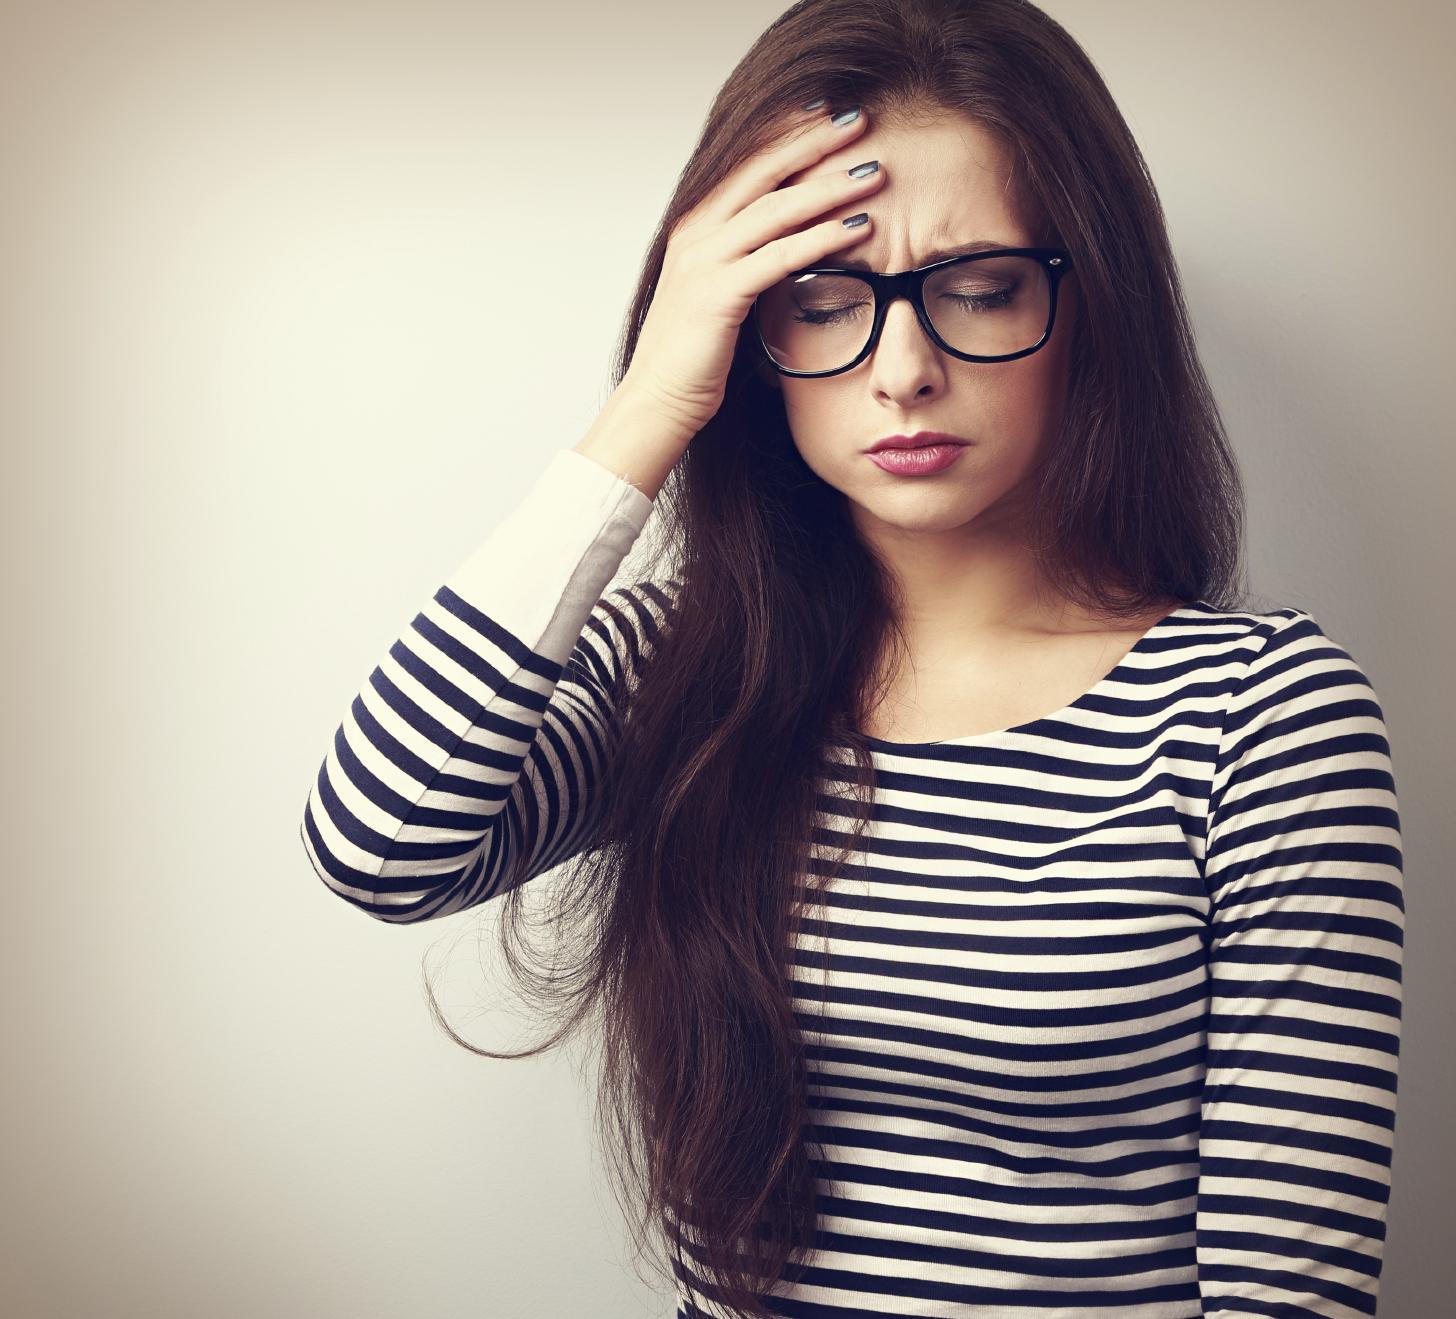 Mujer con gafas y camiseta a rayas se toca la cabeza